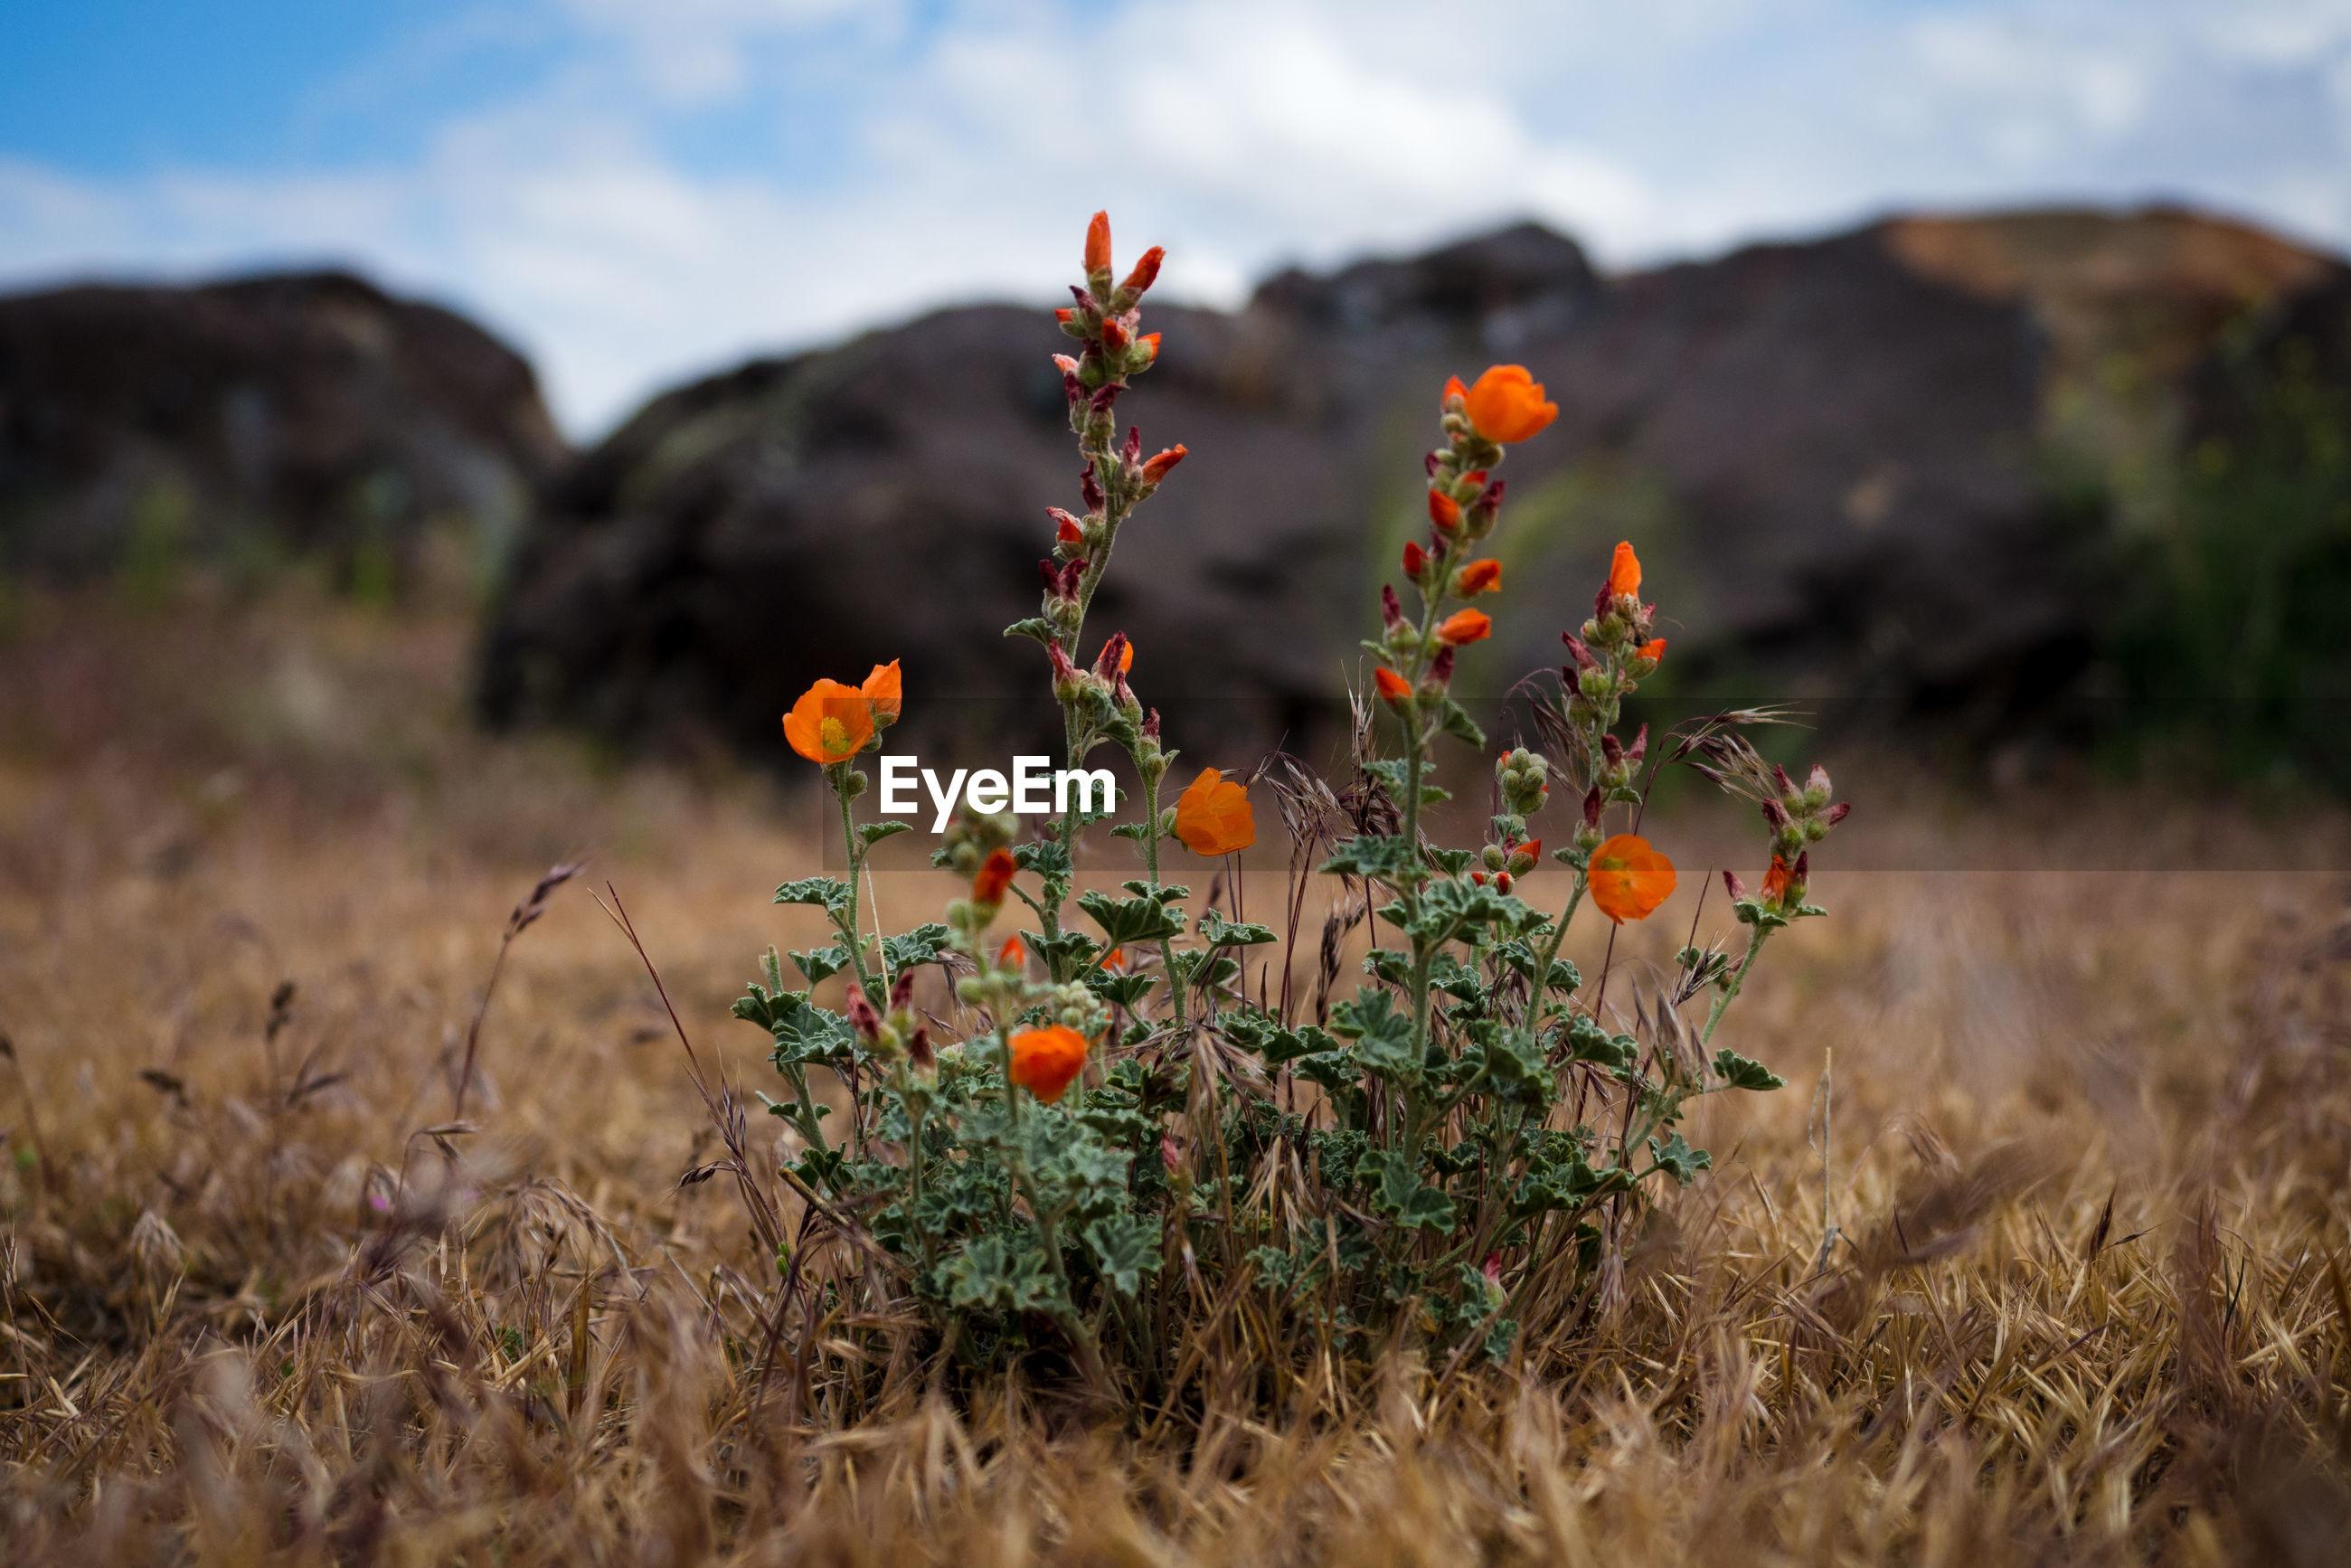 Orange flowers growing on field